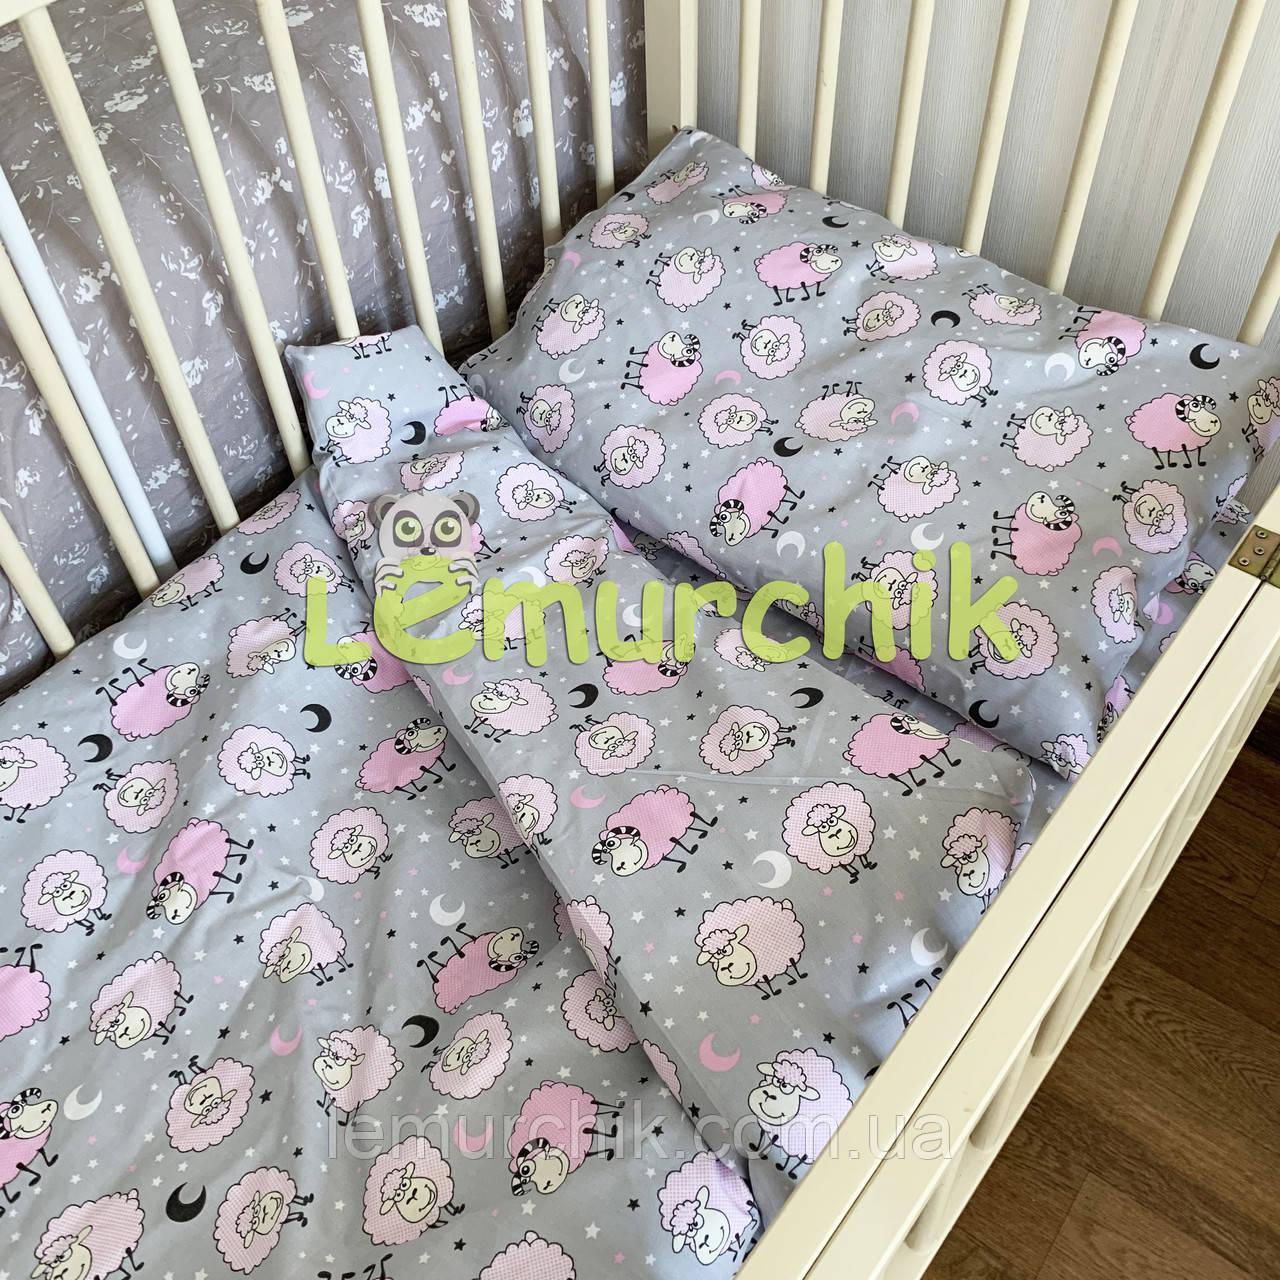 Постельный набор в детскую кроватку (3 предмета) Овечки, серое